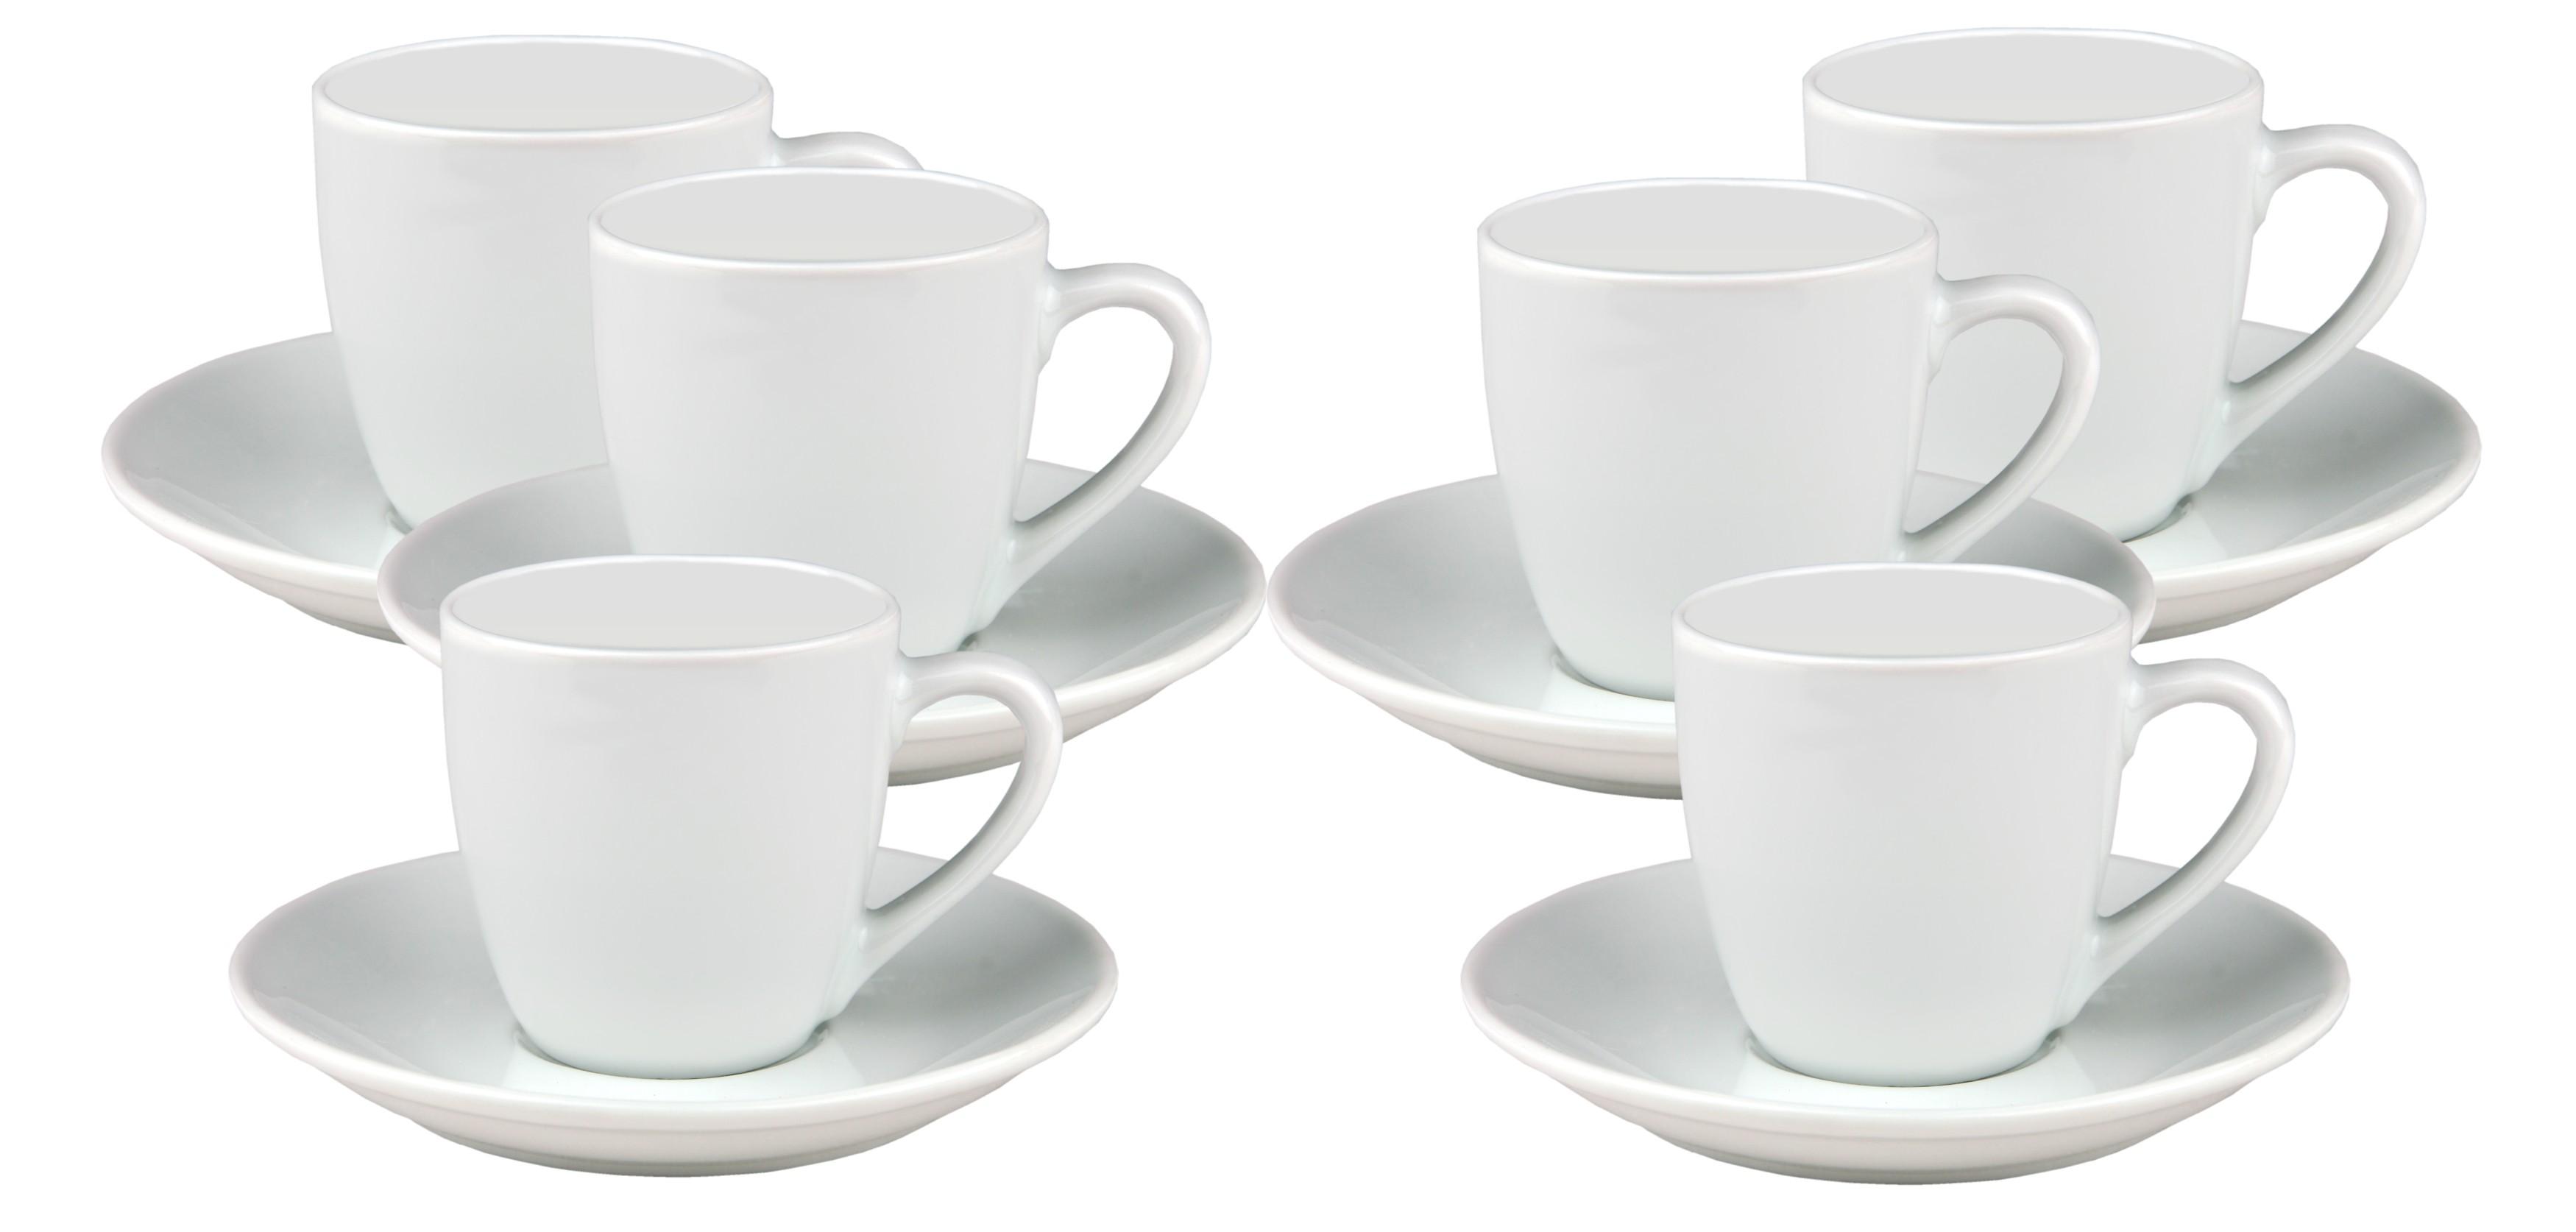 6er set gloria 10cl espressotasse mit untertasse tassen kaffee wei porzellan ebay. Black Bedroom Furniture Sets. Home Design Ideas